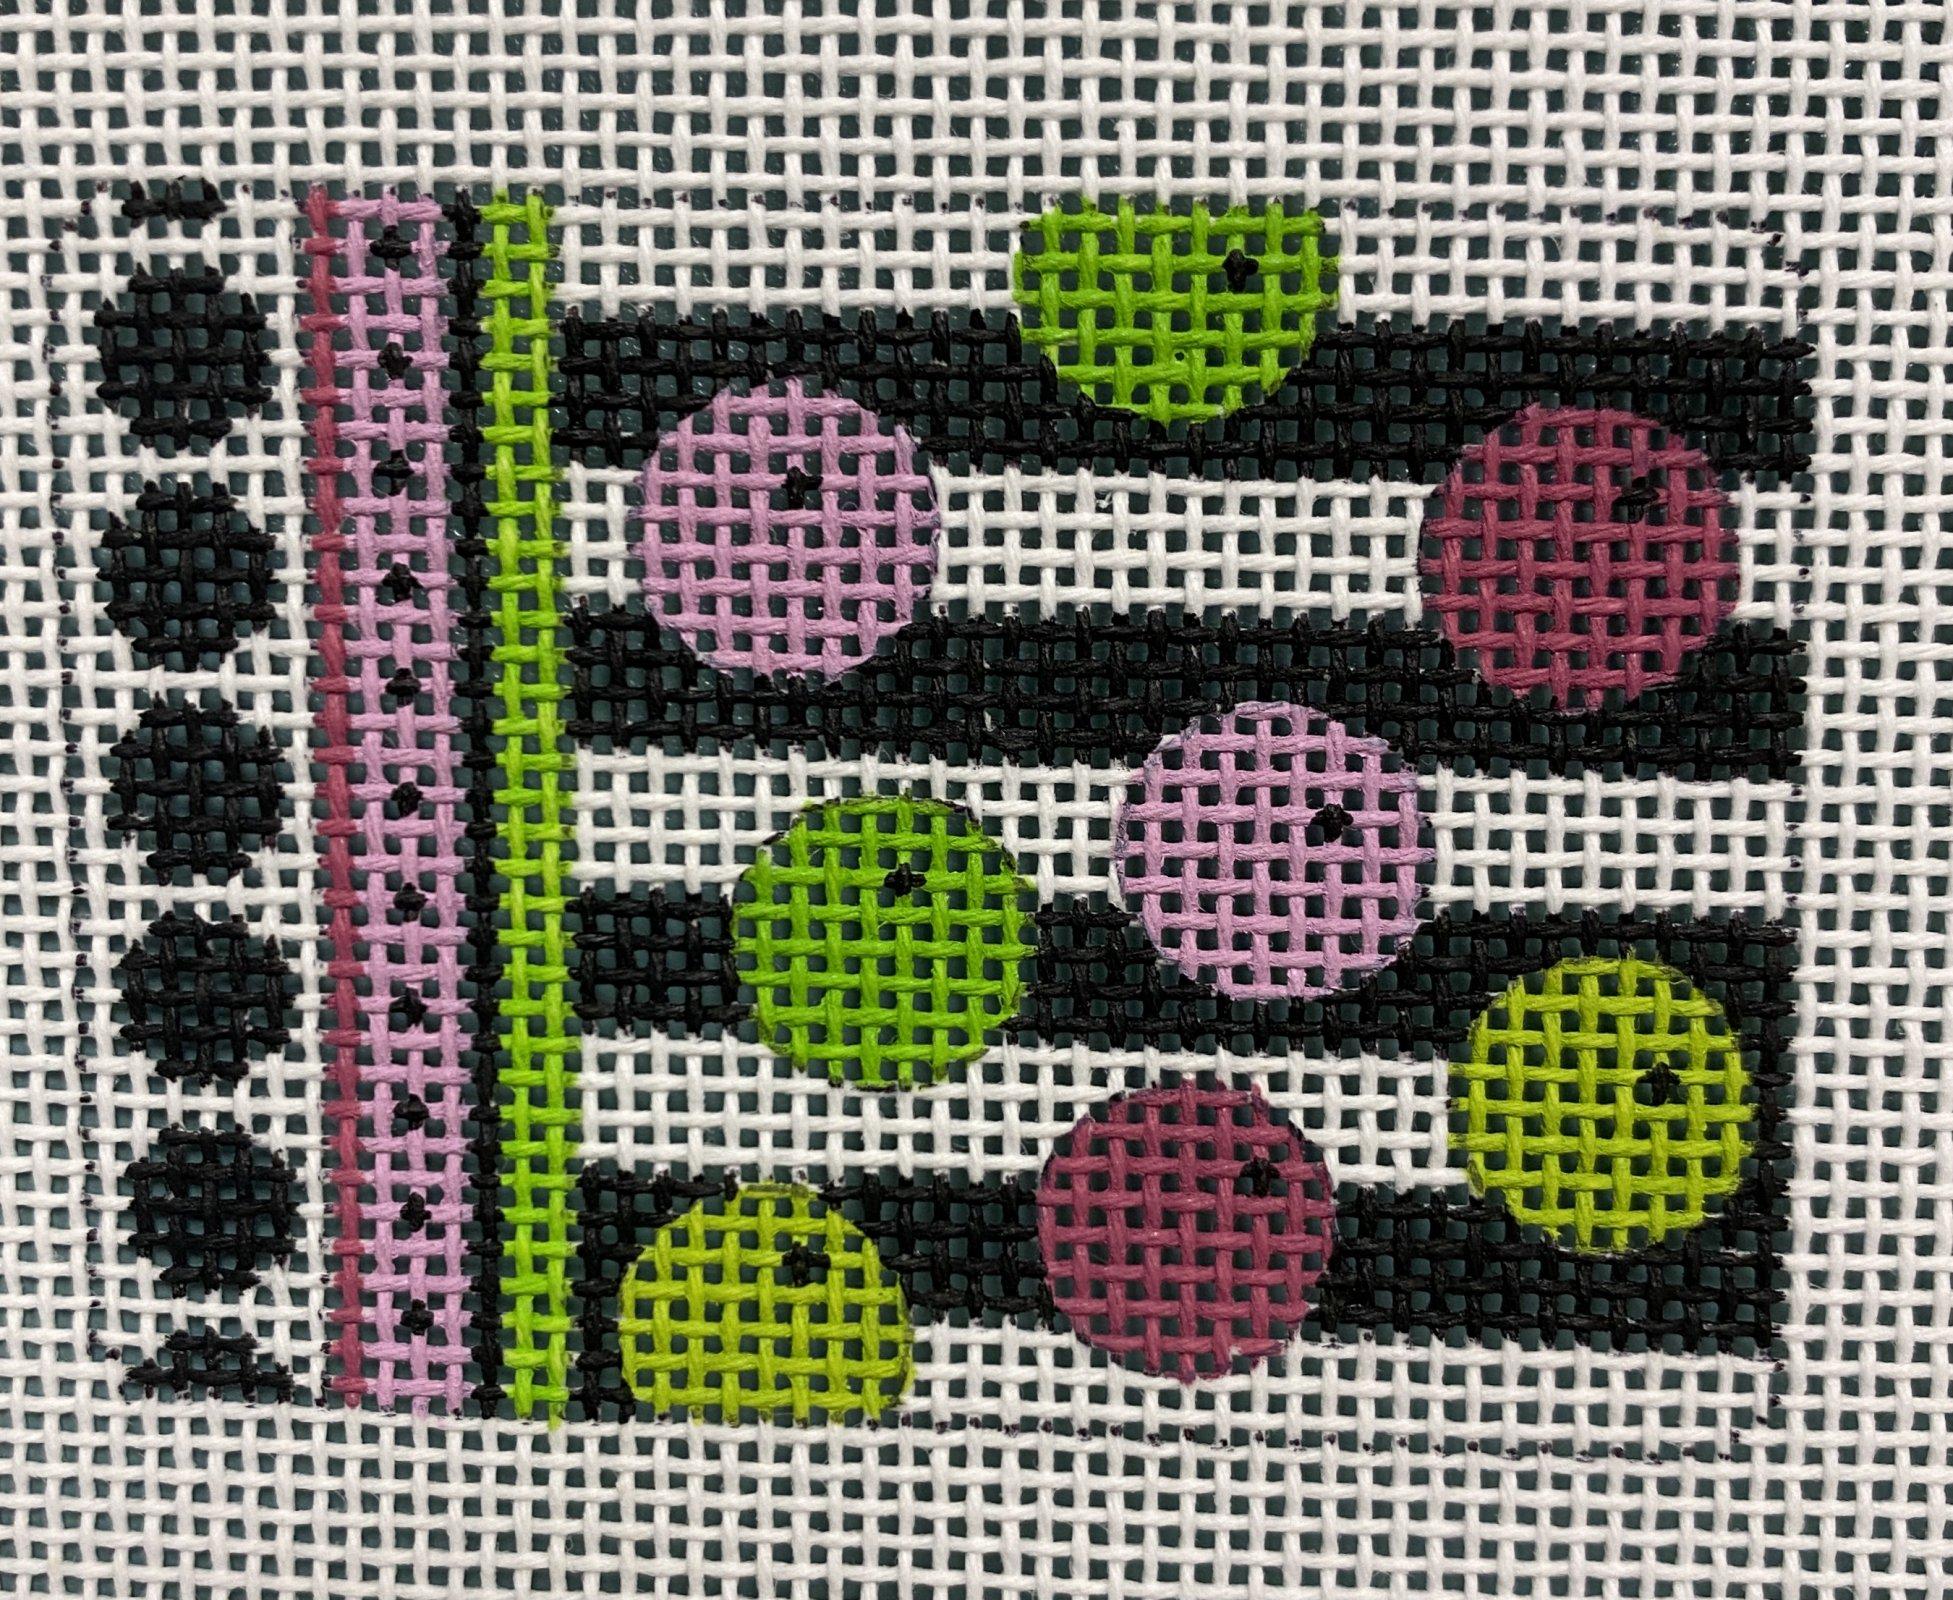 pink & green balls insert